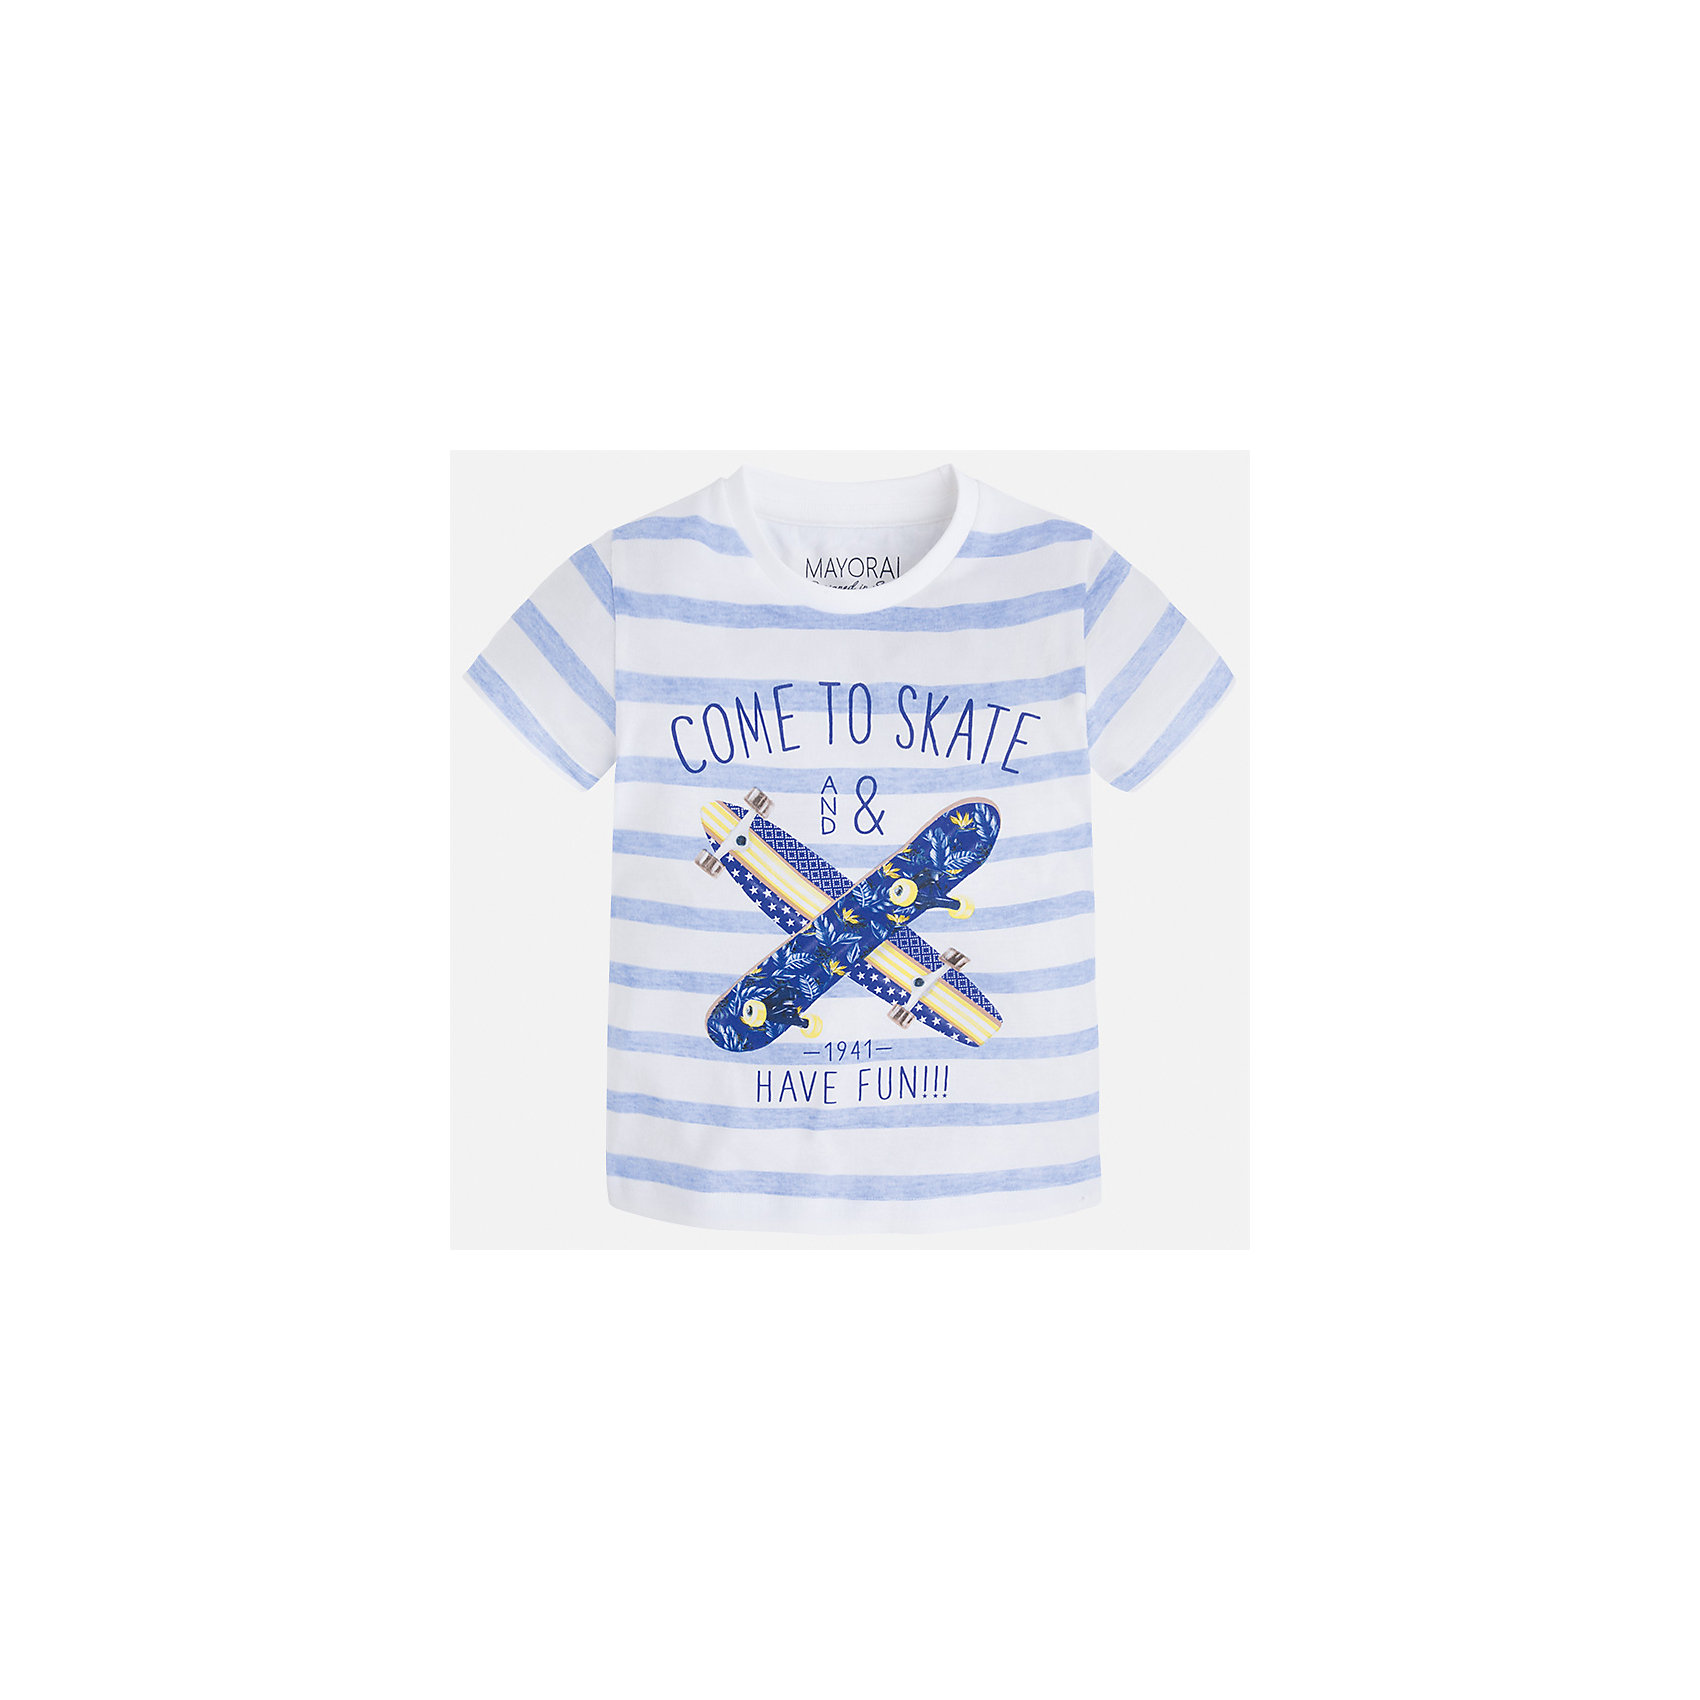 Футболка для мальчика MayoralФутболки, поло и топы<br>Характеристики товара:<br><br>• цвет: белый/голубой<br>• состав: 100% хлопок<br>• круглый горловой вырез<br>• декорирована принтом<br>• короткие рукава<br>• отделка горловины<br>• страна бренда: Испания<br><br>Модная удобная футболка с принтом поможет разнообразить гардероб мальчика. Она отлично сочетается с брюками, шортами, джинсами. Универсальный крой и цвет позволяет подобрать к вещи низ разных расцветок. Практичное и стильное изделие! Хорошо смотрится и комфортно сидит на детях. В составе материала - только натуральный хлопок, гипоаллергенный, приятный на ощупь, дышащий. <br><br>Одежда, обувь и аксессуары от испанского бренда Mayoral полюбились детям и взрослым по всему миру. Модели этой марки - стильные и удобные. Для их производства используются только безопасные, качественные материалы и фурнитура. Порадуйте ребенка модными и красивыми вещами от Mayoral! <br><br>Футболку для мальчика от испанского бренда Mayoral (Майорал) можно купить в нашем интернет-магазине.<br><br>Ширина мм: 199<br>Глубина мм: 10<br>Высота мм: 161<br>Вес г: 151<br>Цвет: белый<br>Возраст от месяцев: 18<br>Возраст до месяцев: 24<br>Пол: Мужской<br>Возраст: Детский<br>Размер: 92,116,134,128,122,110,104,98<br>SKU: 5279845